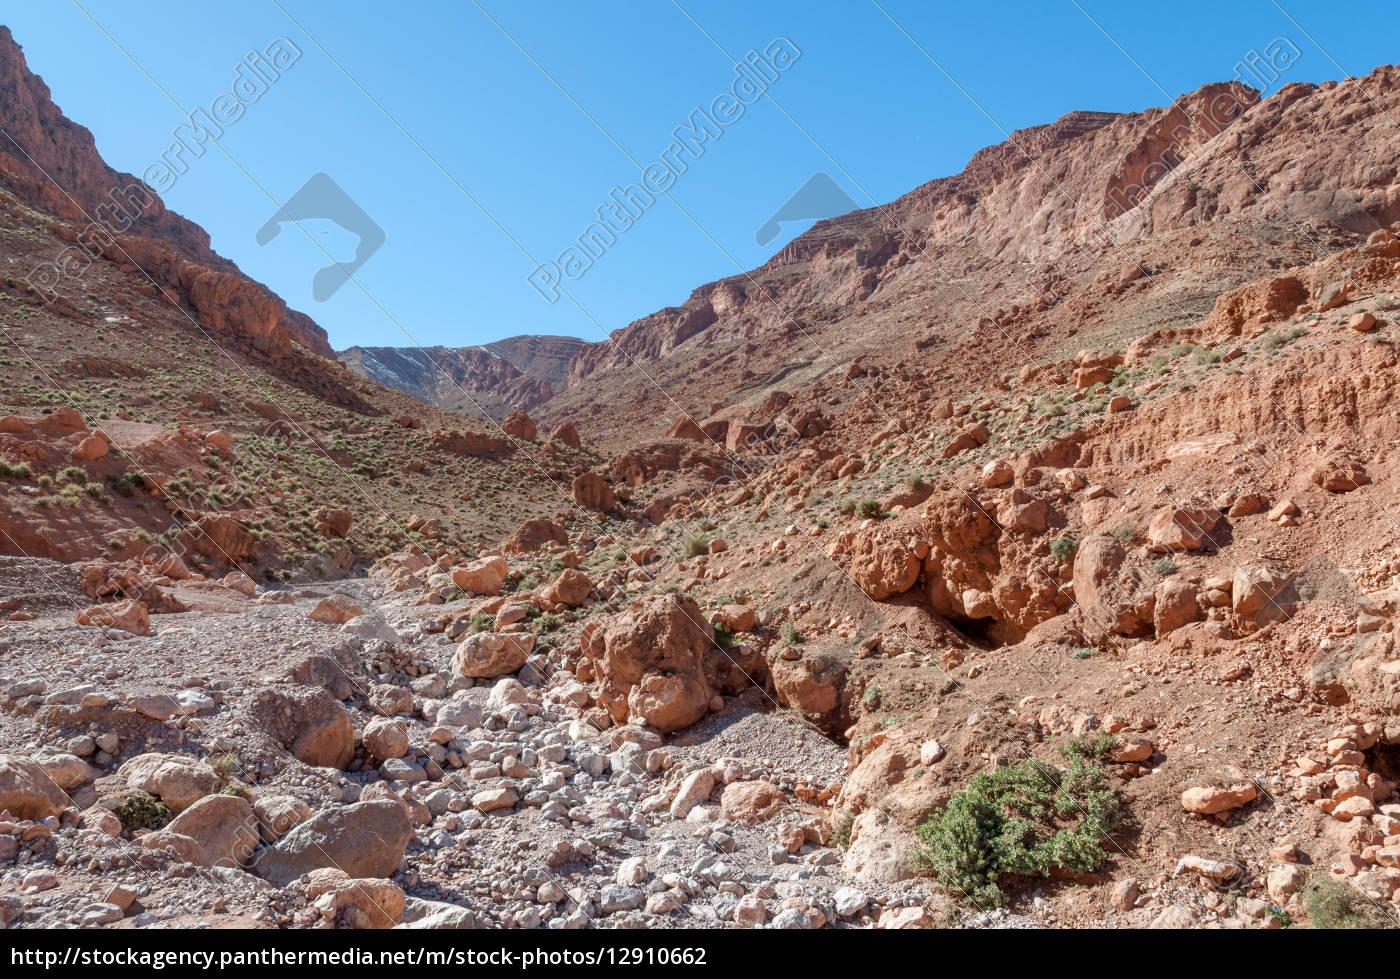 dades, schlucht, im, atlas, gebirge, marokko, afrika - 12910662